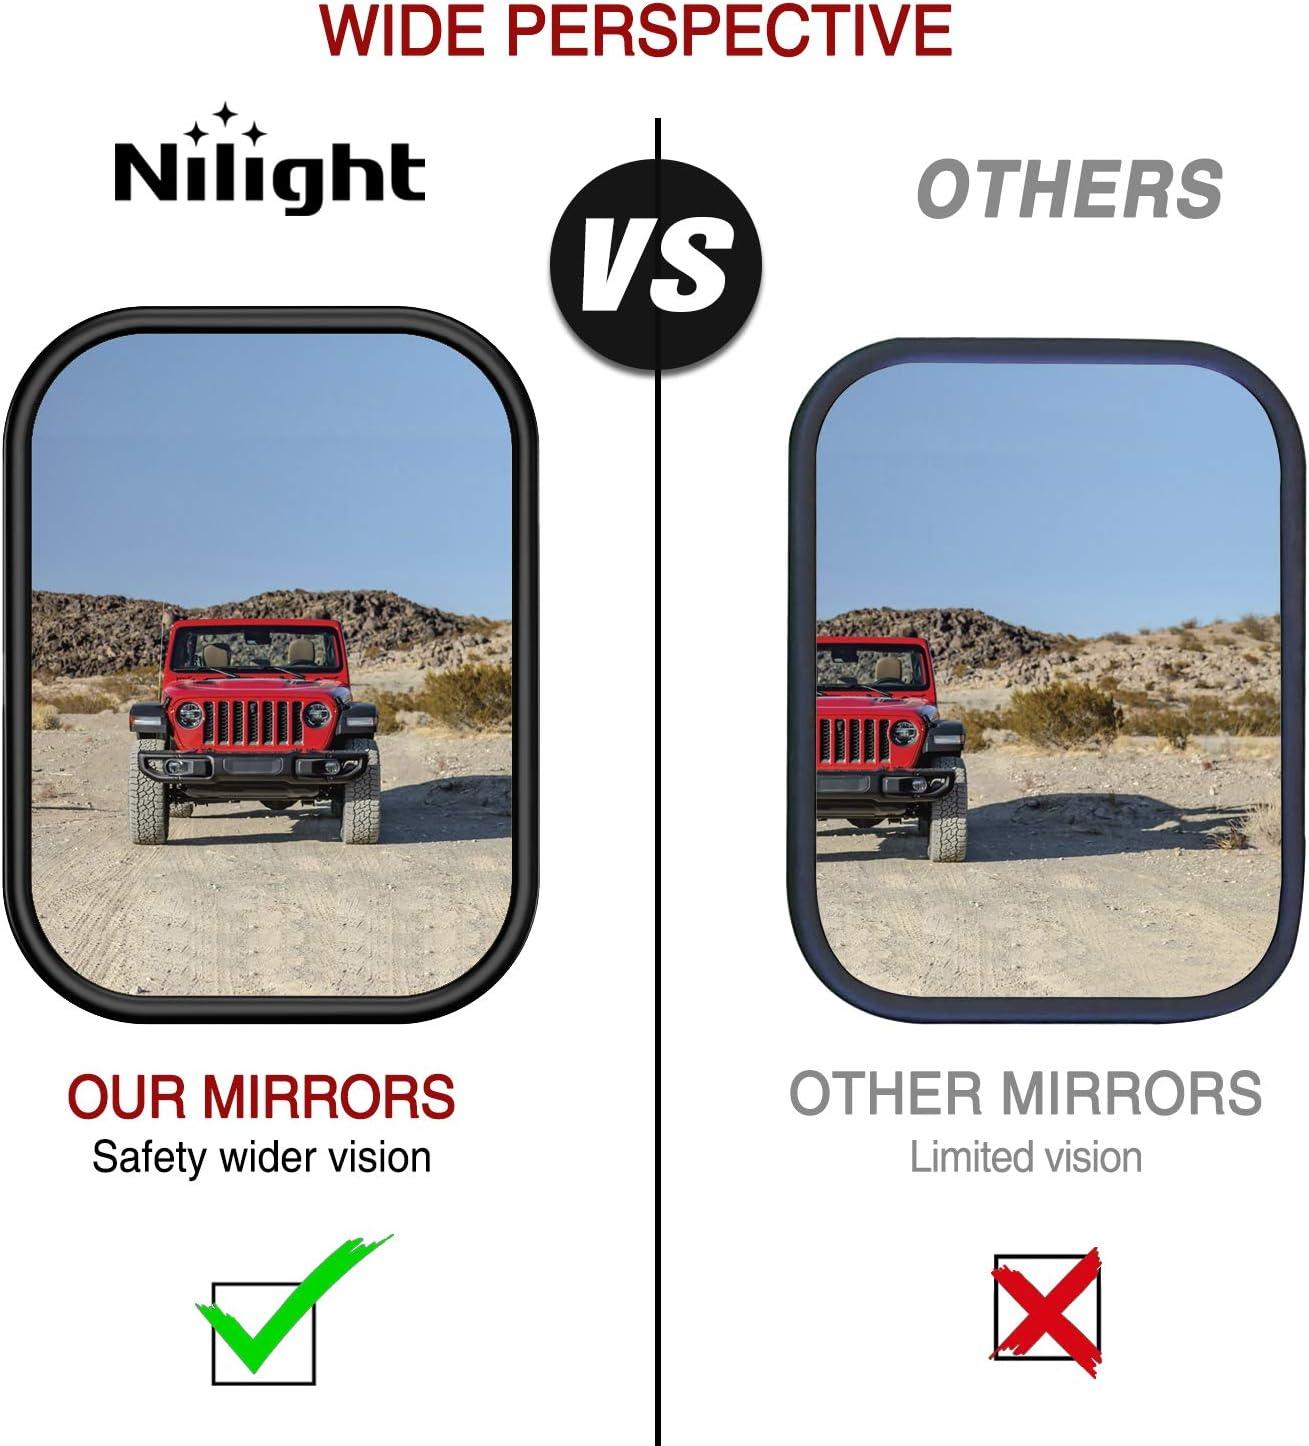 Pack of 2 Nilight Rectangular Mirrors Doors Off for Wrangler CJ YJ TJ JK JL Easy Install Adventure Mirrors Rectangular Wrangler Rear View Mirror Textured Black